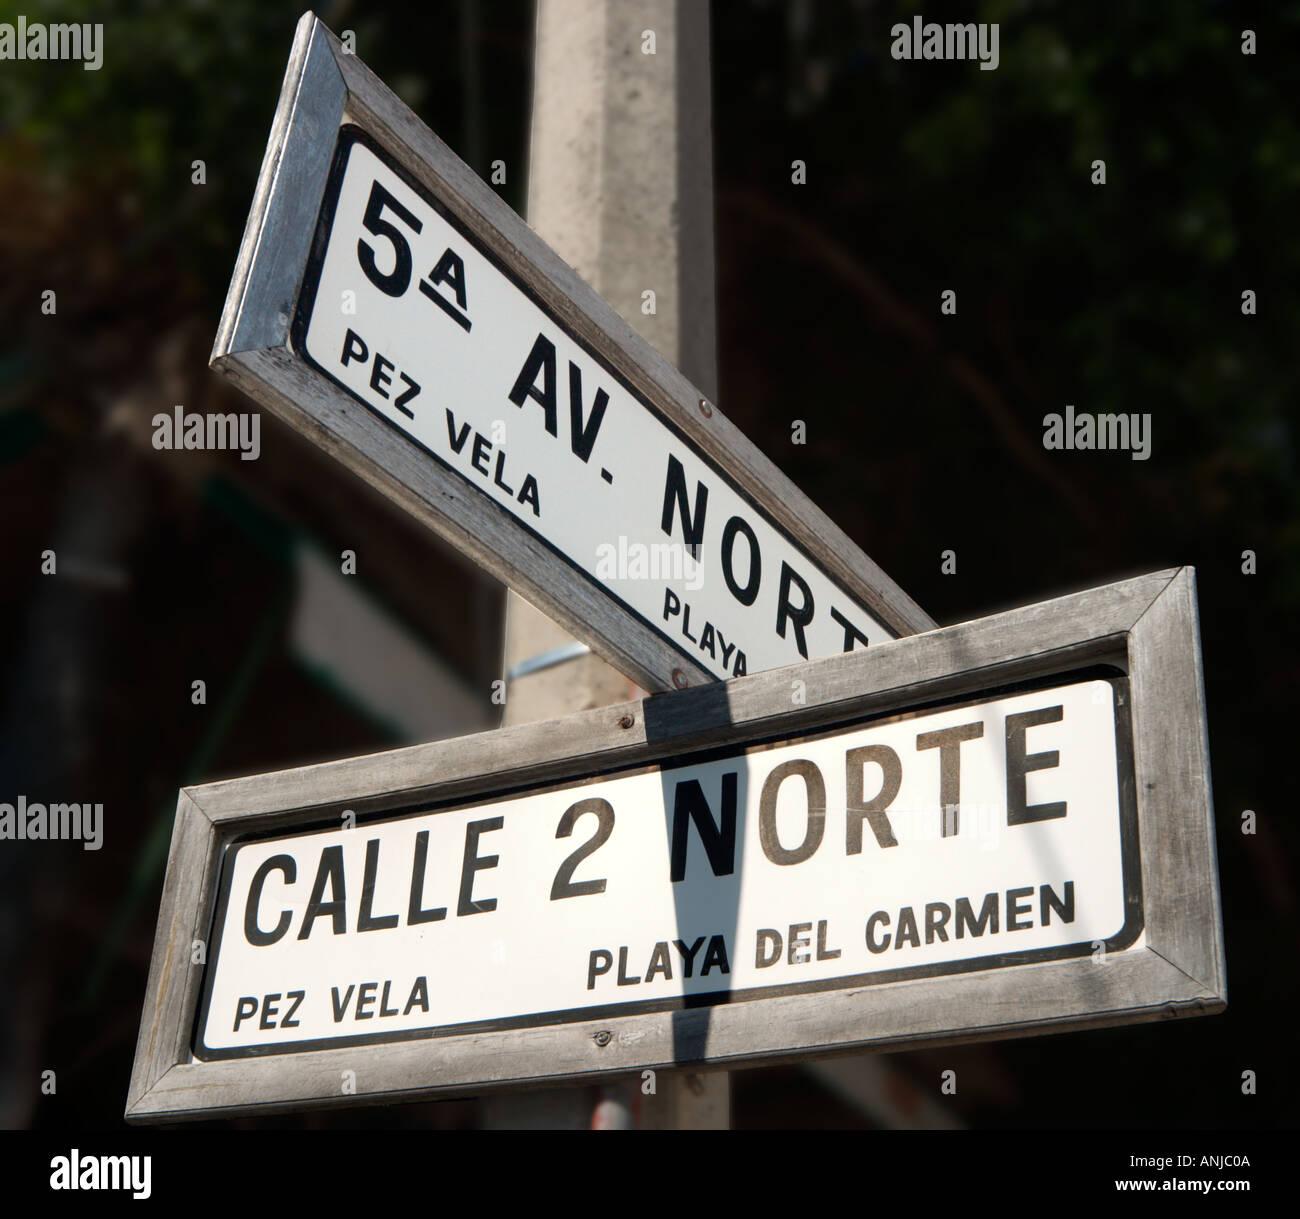 5th Avenue Street Sign, Playa del Carmen, Riviera Maya, Yucatan Peninsula, Mexico - Stock Image